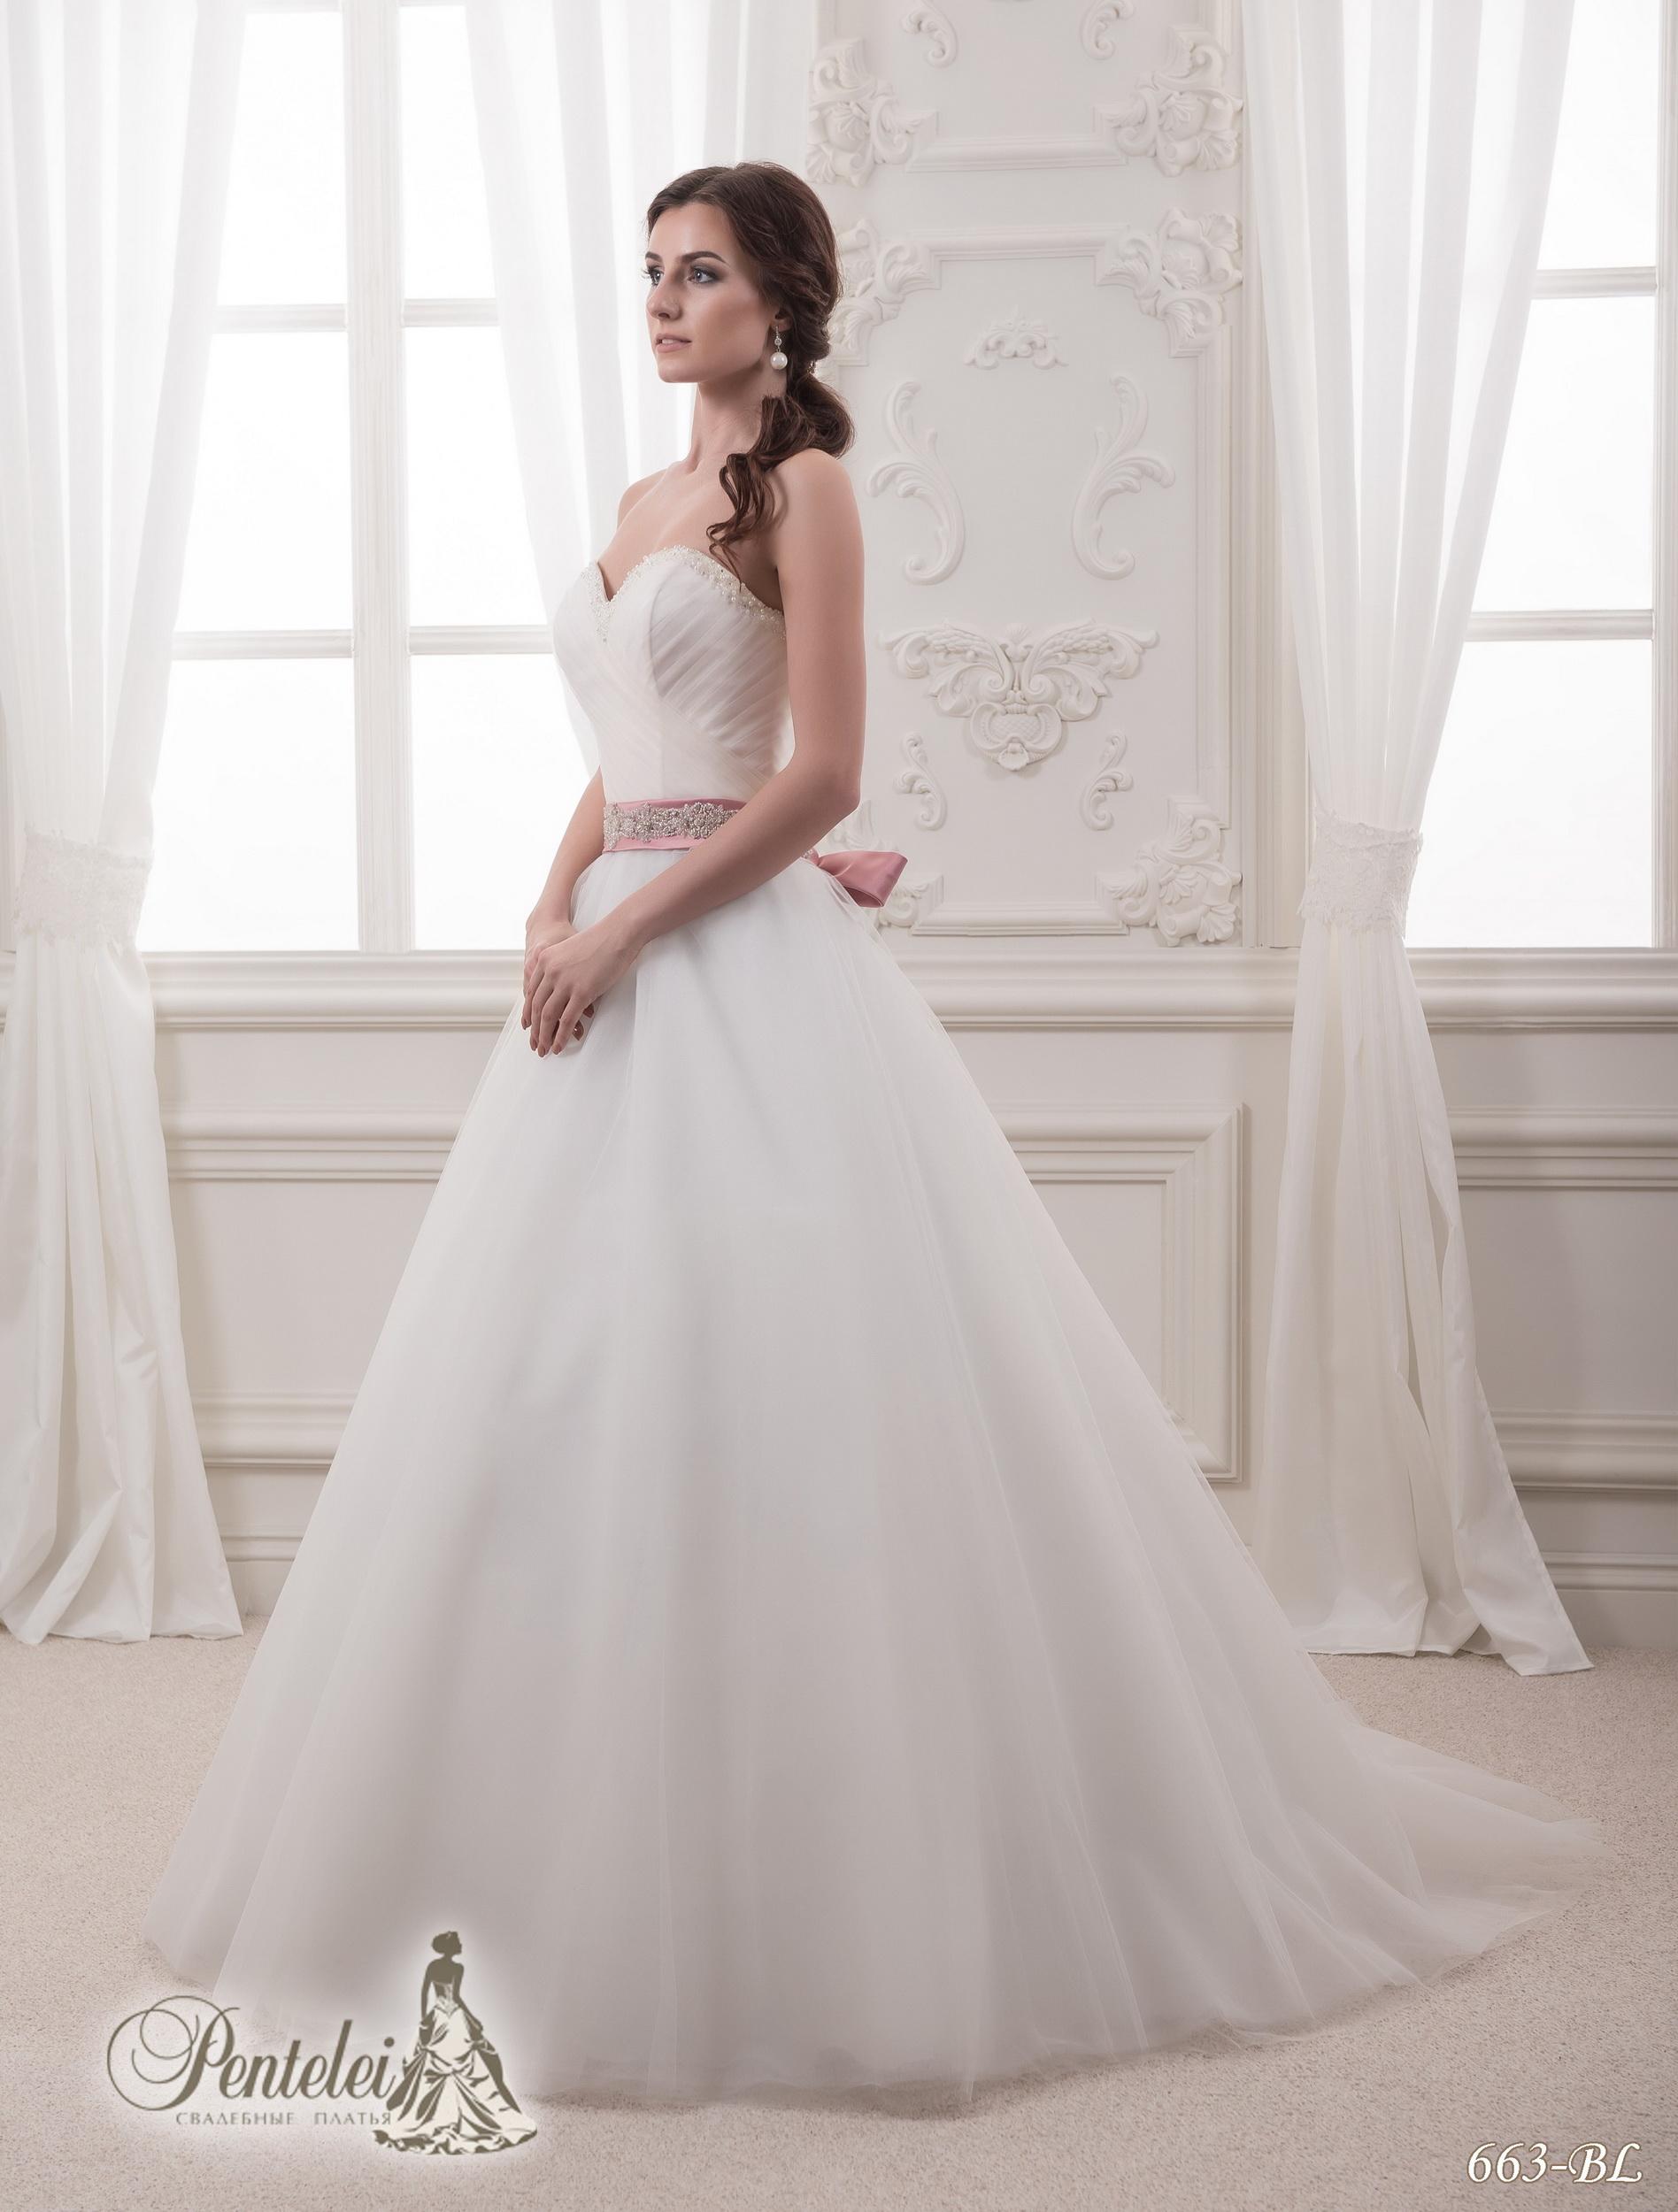 663-BL | Cumpăra rochii de mireasă en-gros de Pentelei